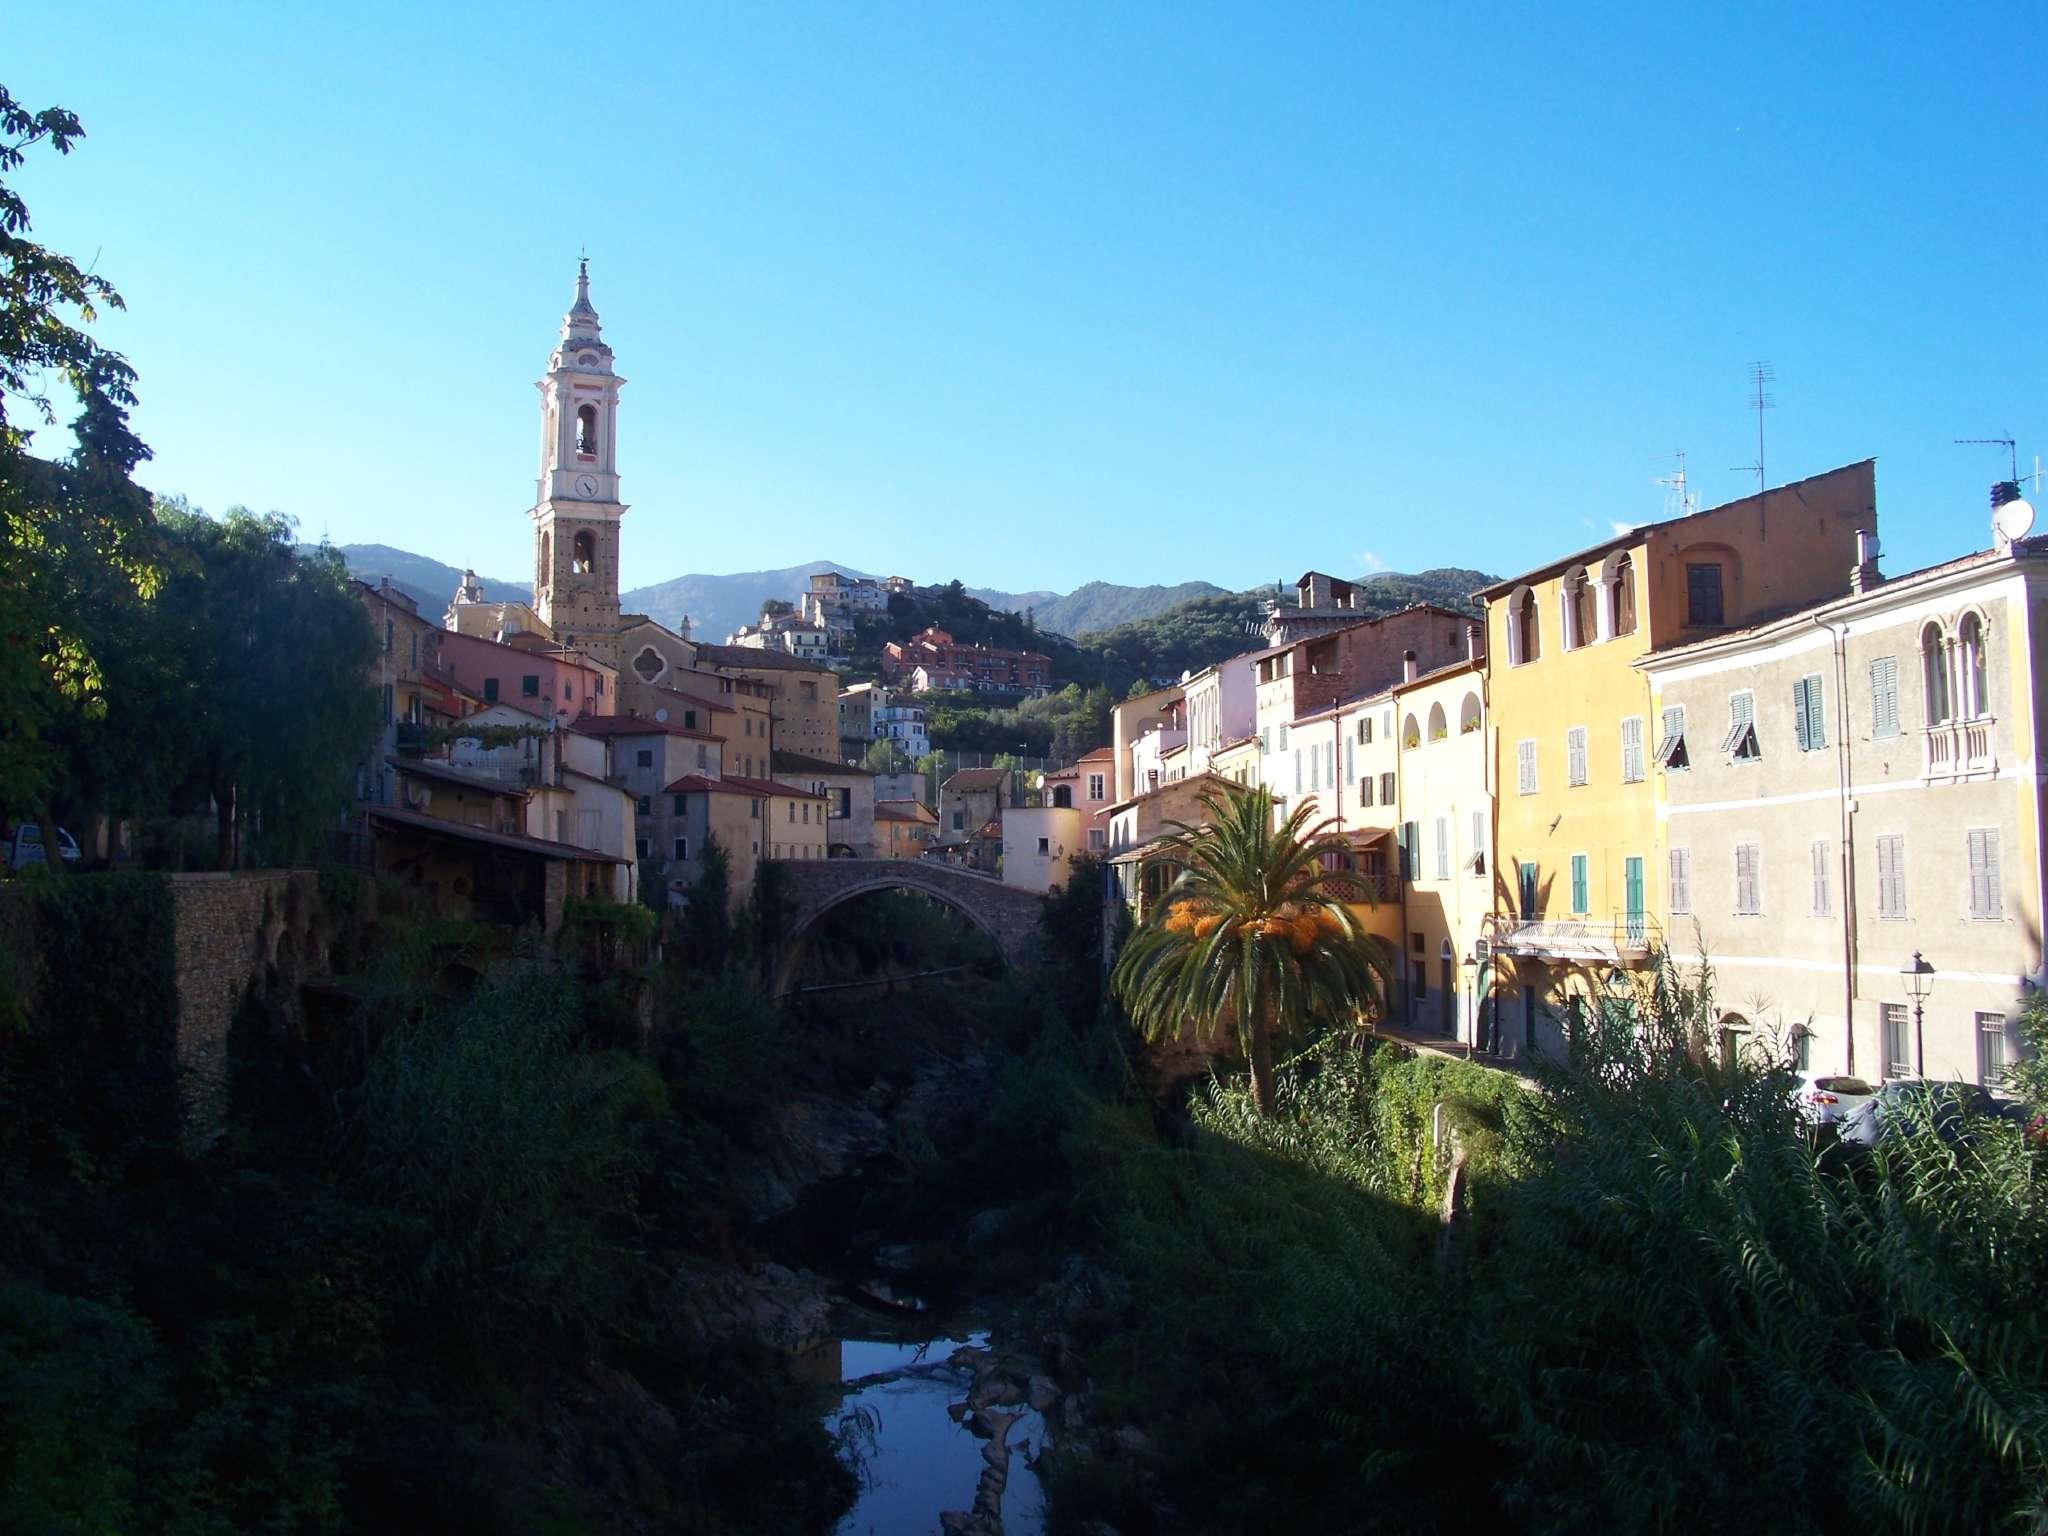 Dolcedo, rechts oben liegt der Palazzo